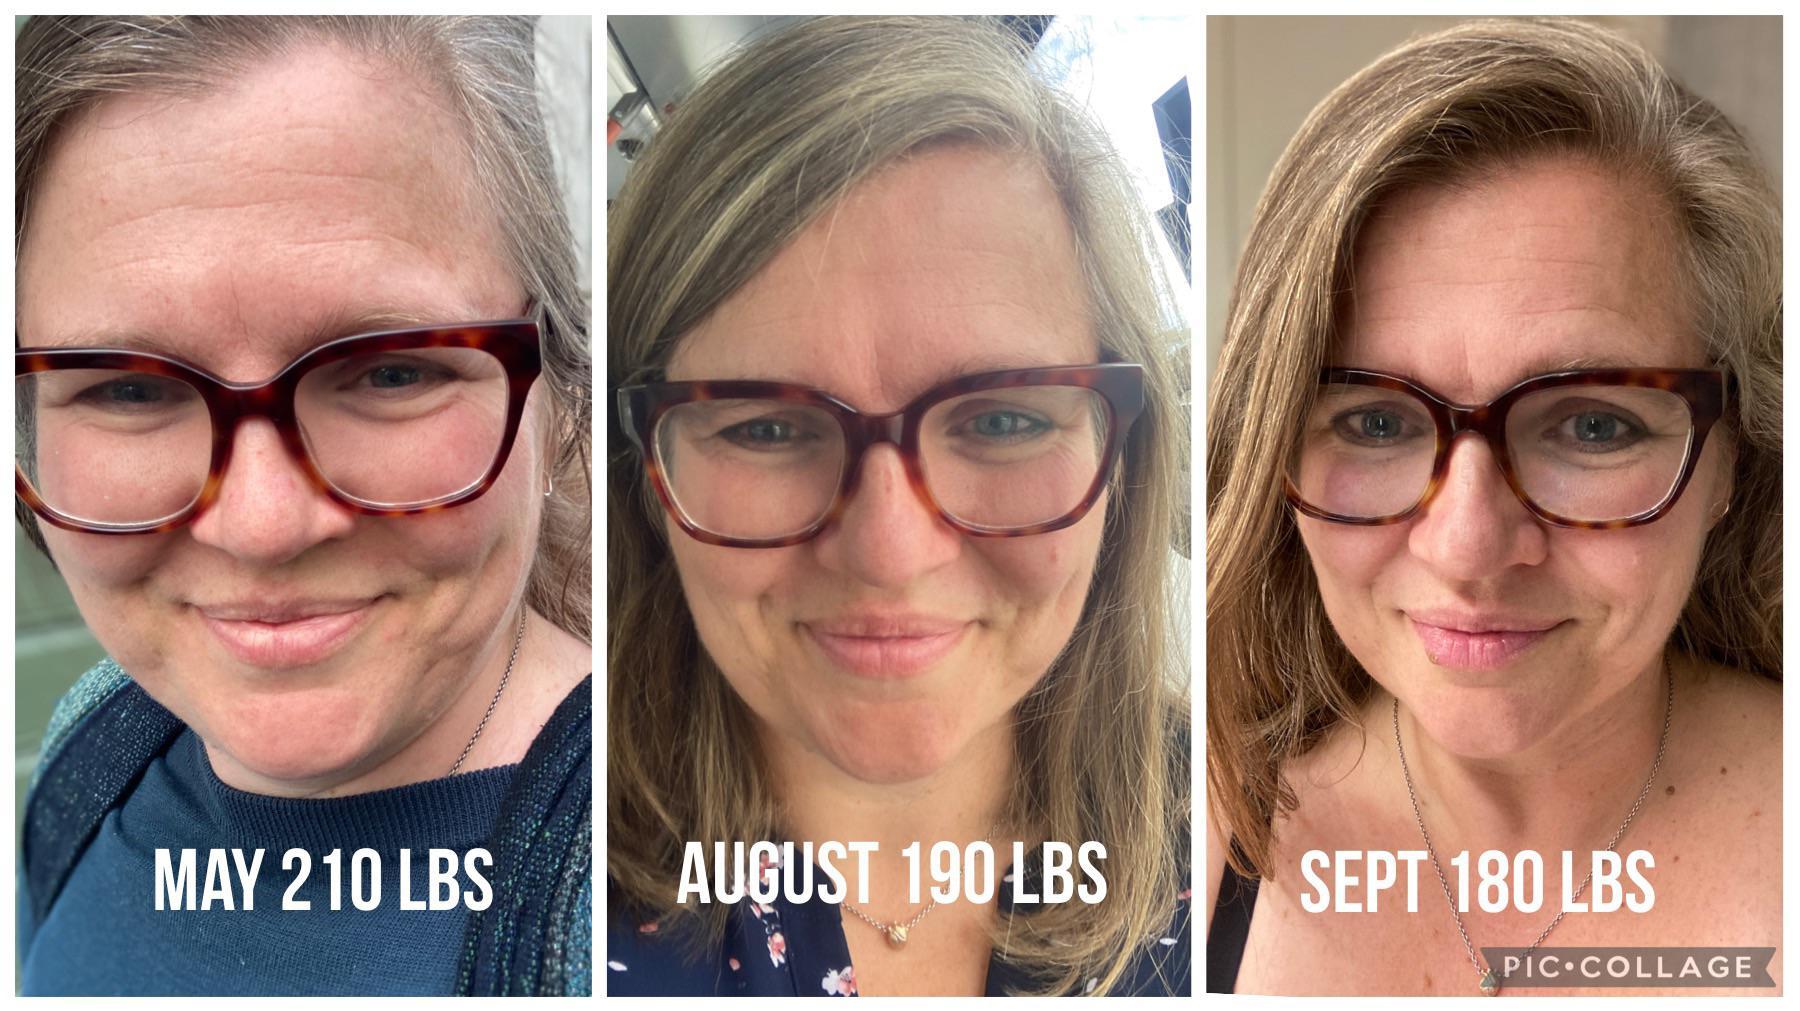 Progress Pics of 30 lbs Fat Loss 5 feet 5 Female 210 lbs to 180 lbs